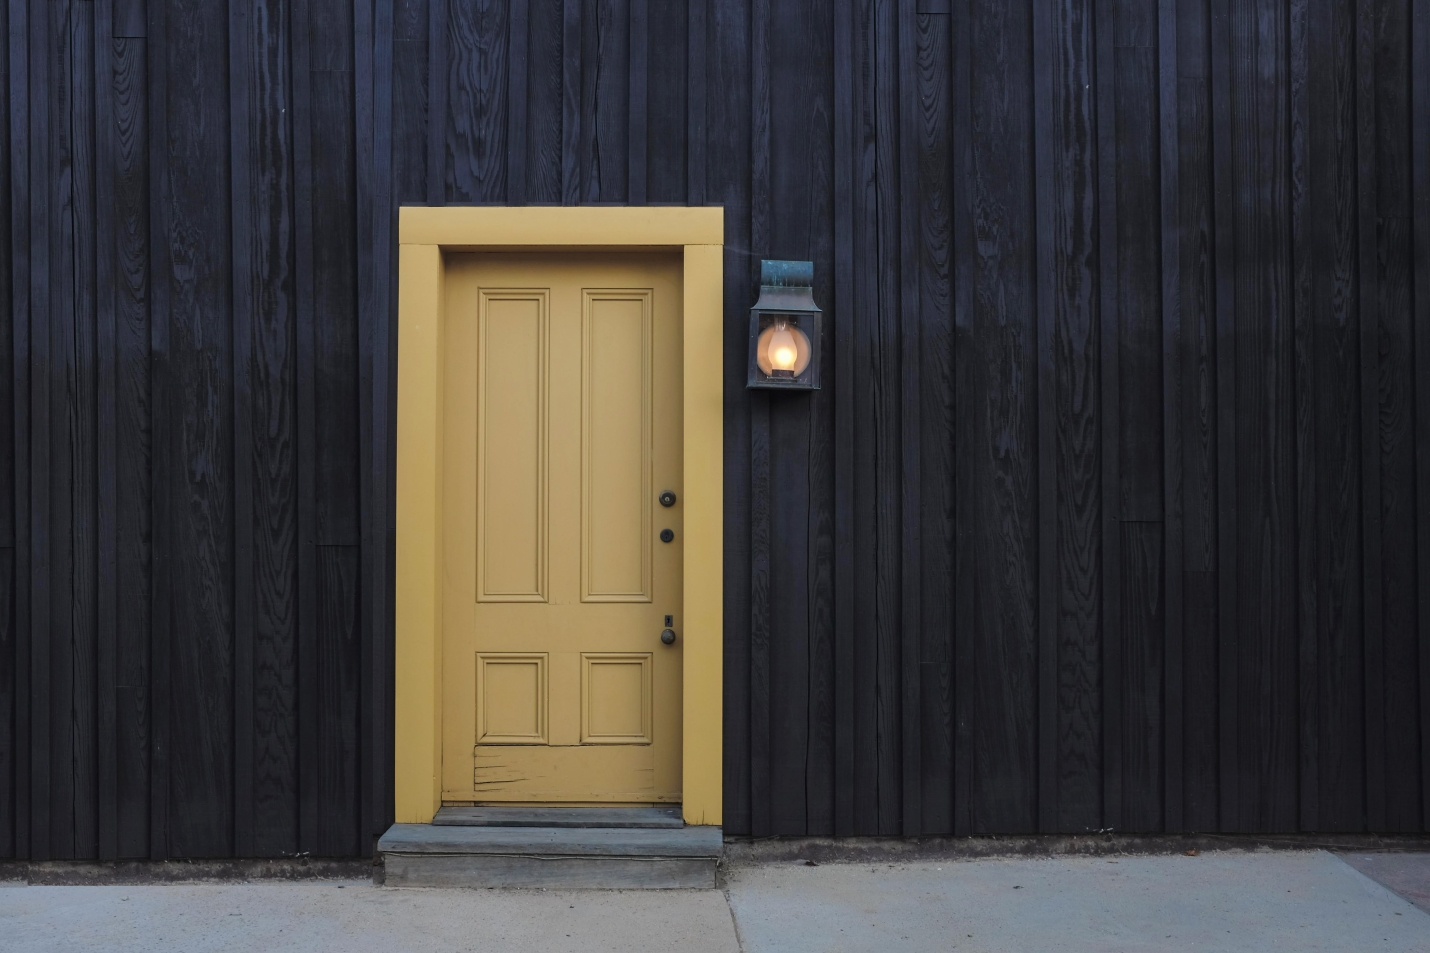 Comment bien choisir sa porte d 39 entr e famille magazine for Securiser sa porte d entree